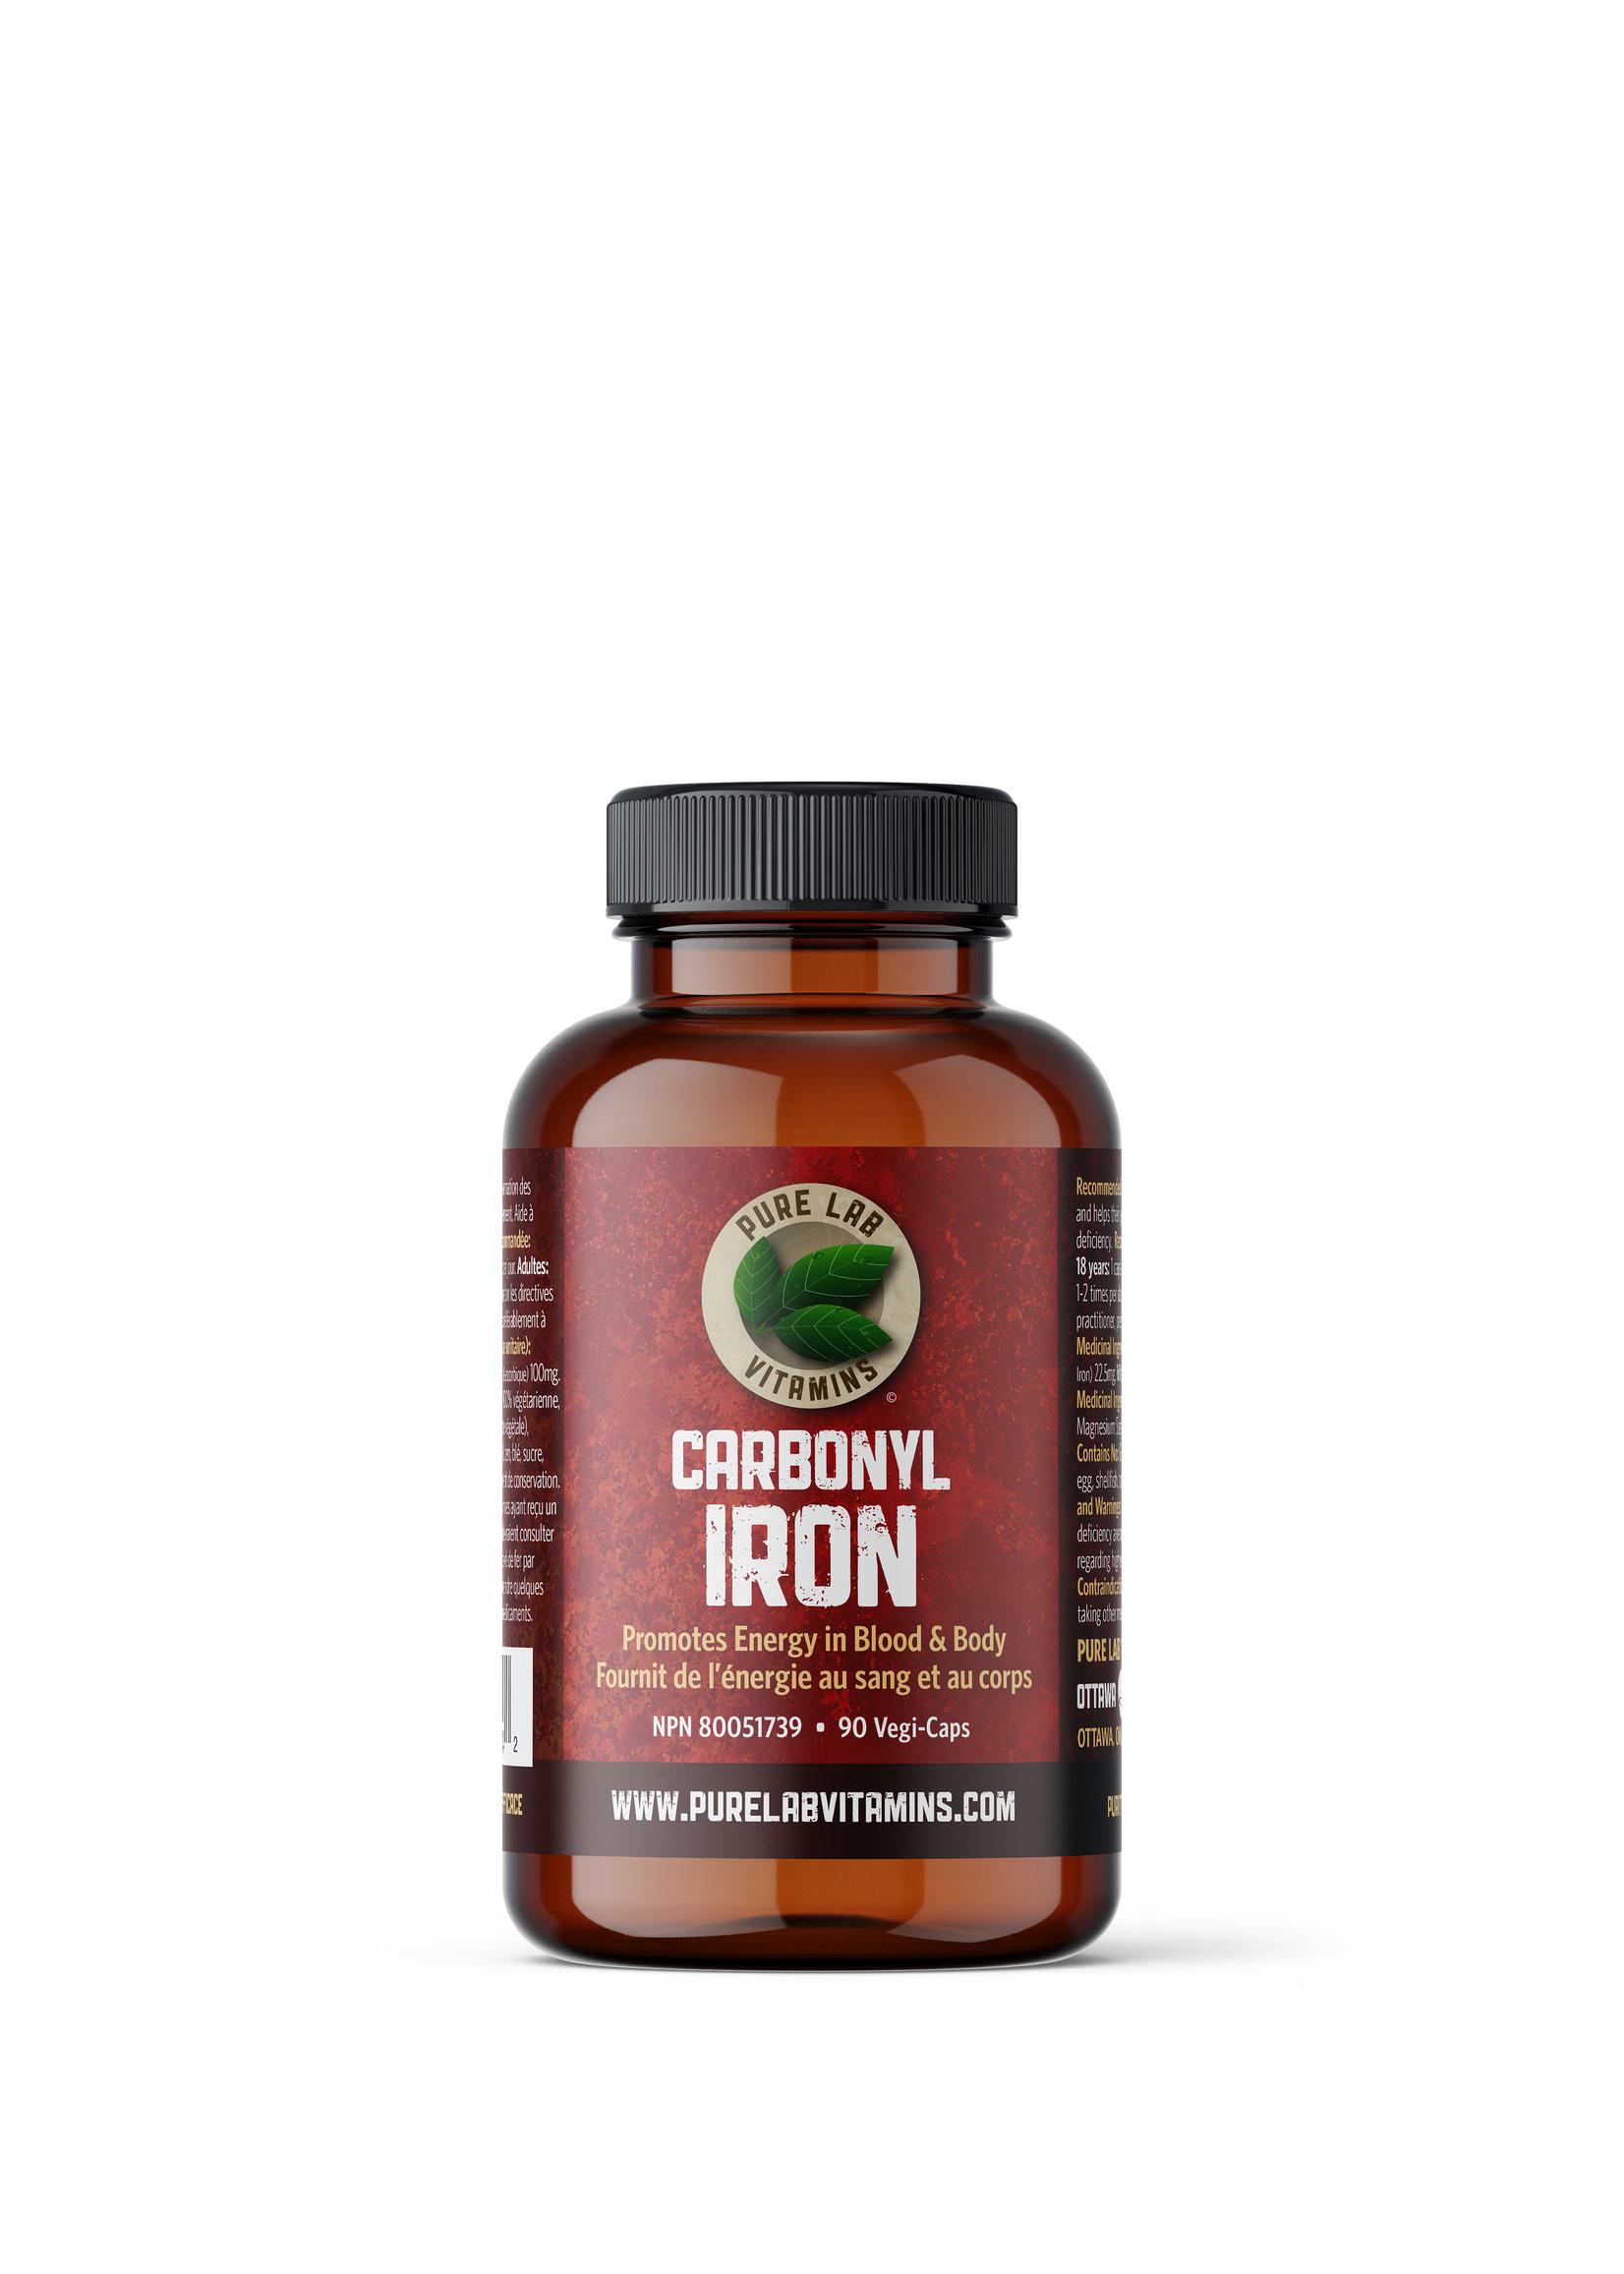 Pure lab Pure Lab Carbonyl Iron